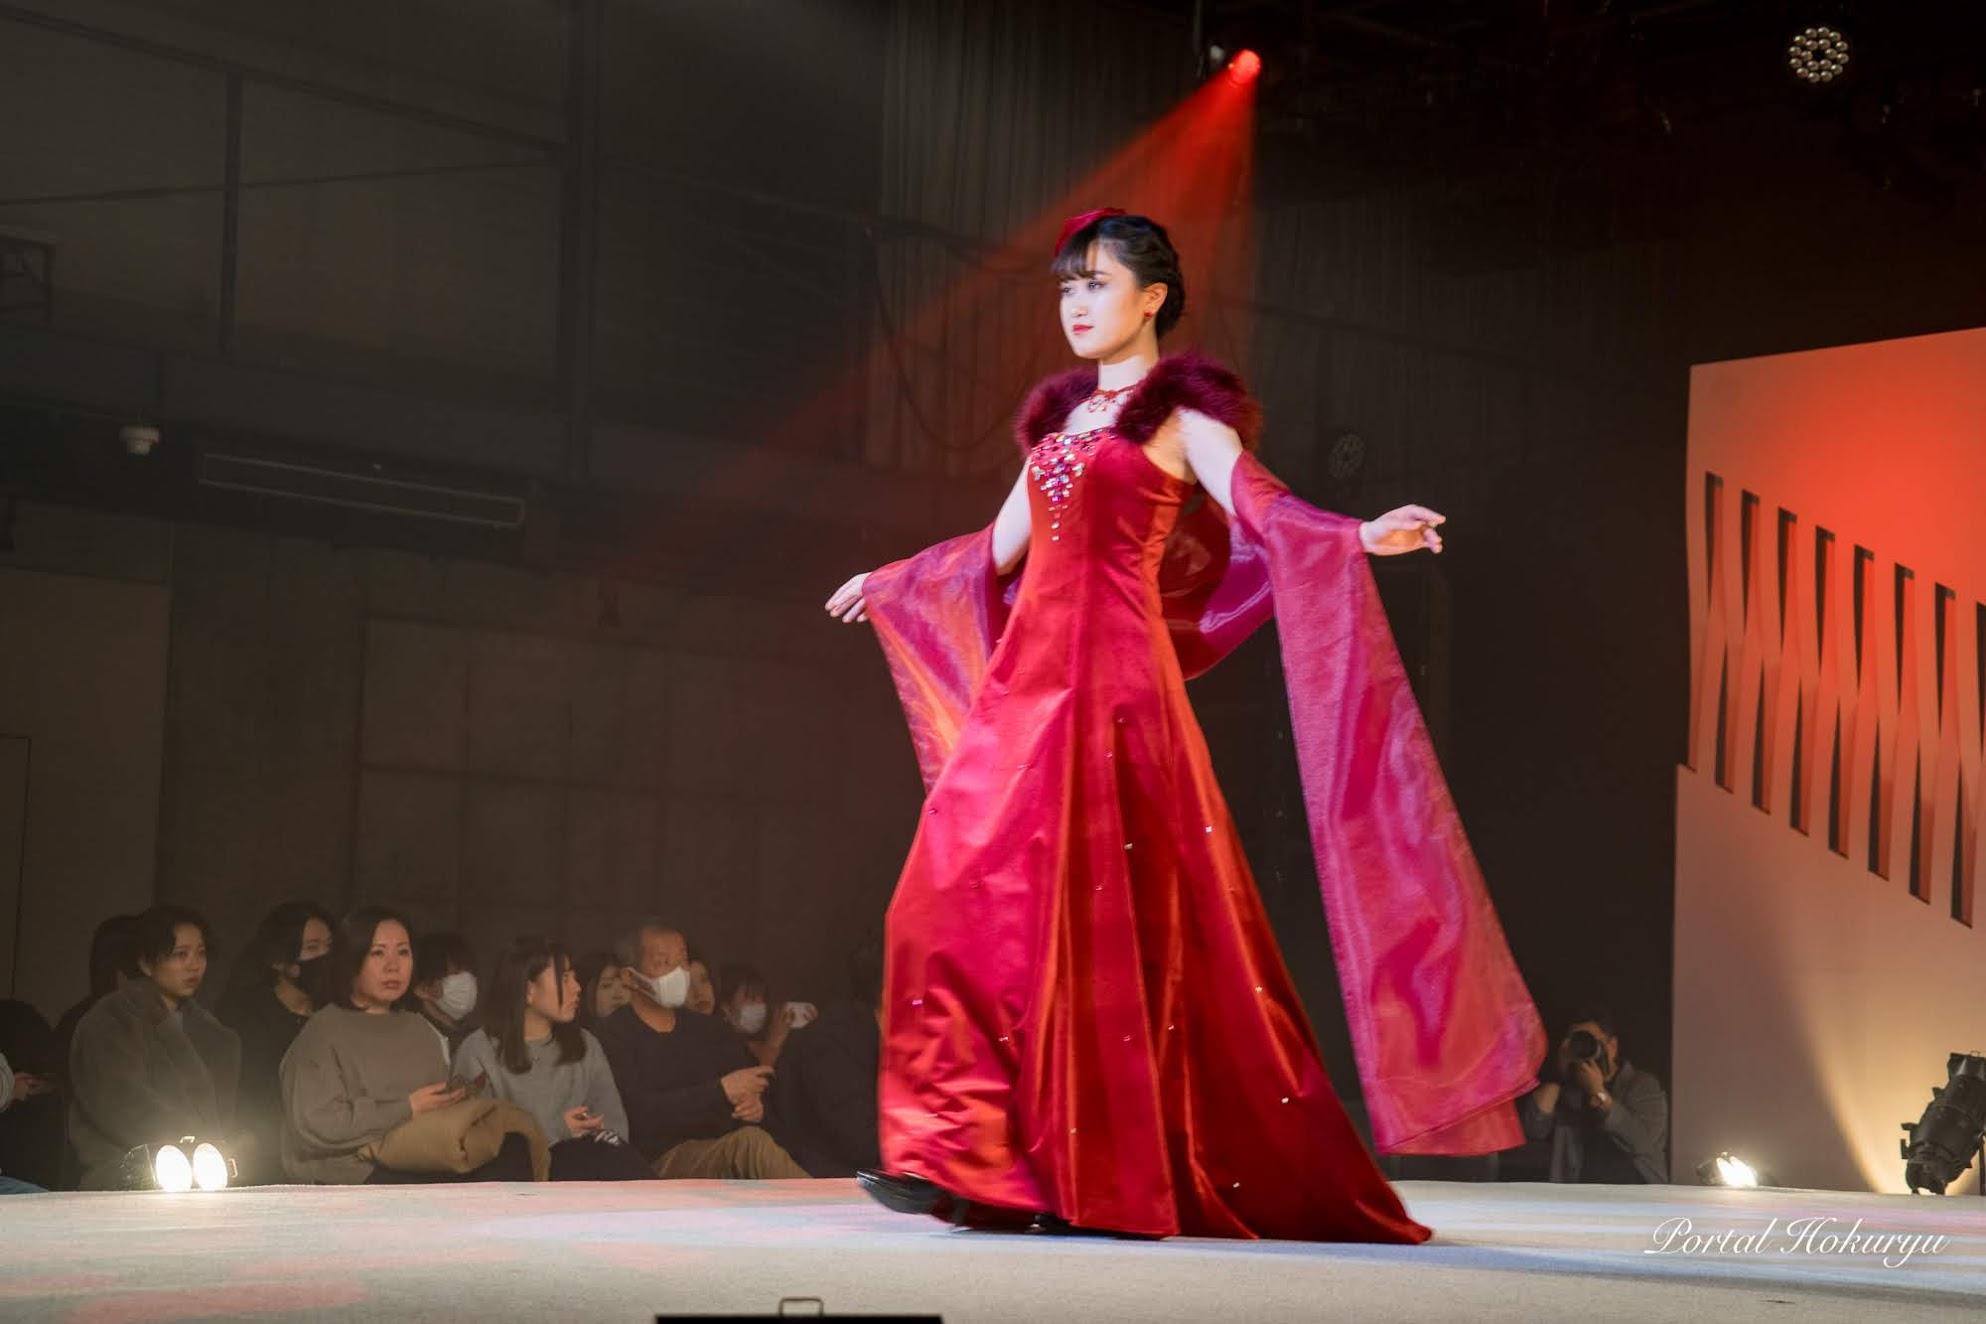 真紅のドレスに包まれて。。。